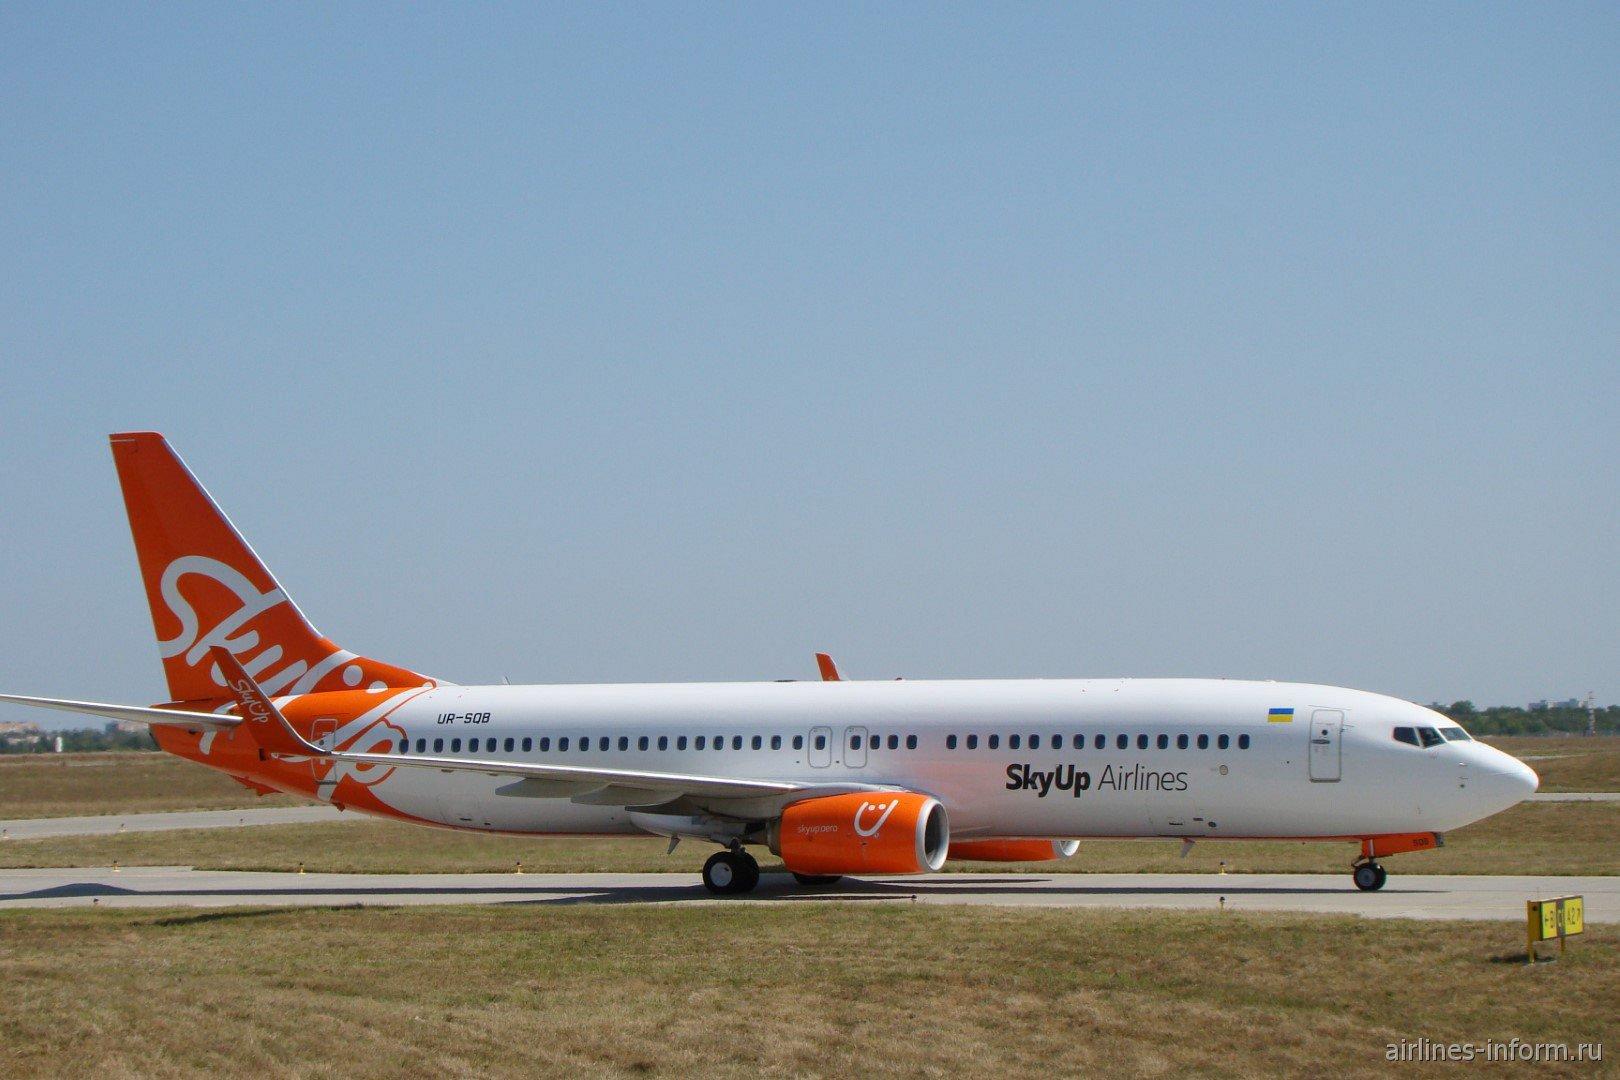 Самолет Boeing 737-800 UR-SQB авиакомпании SkyUp Airlines в аэропорту Харьков